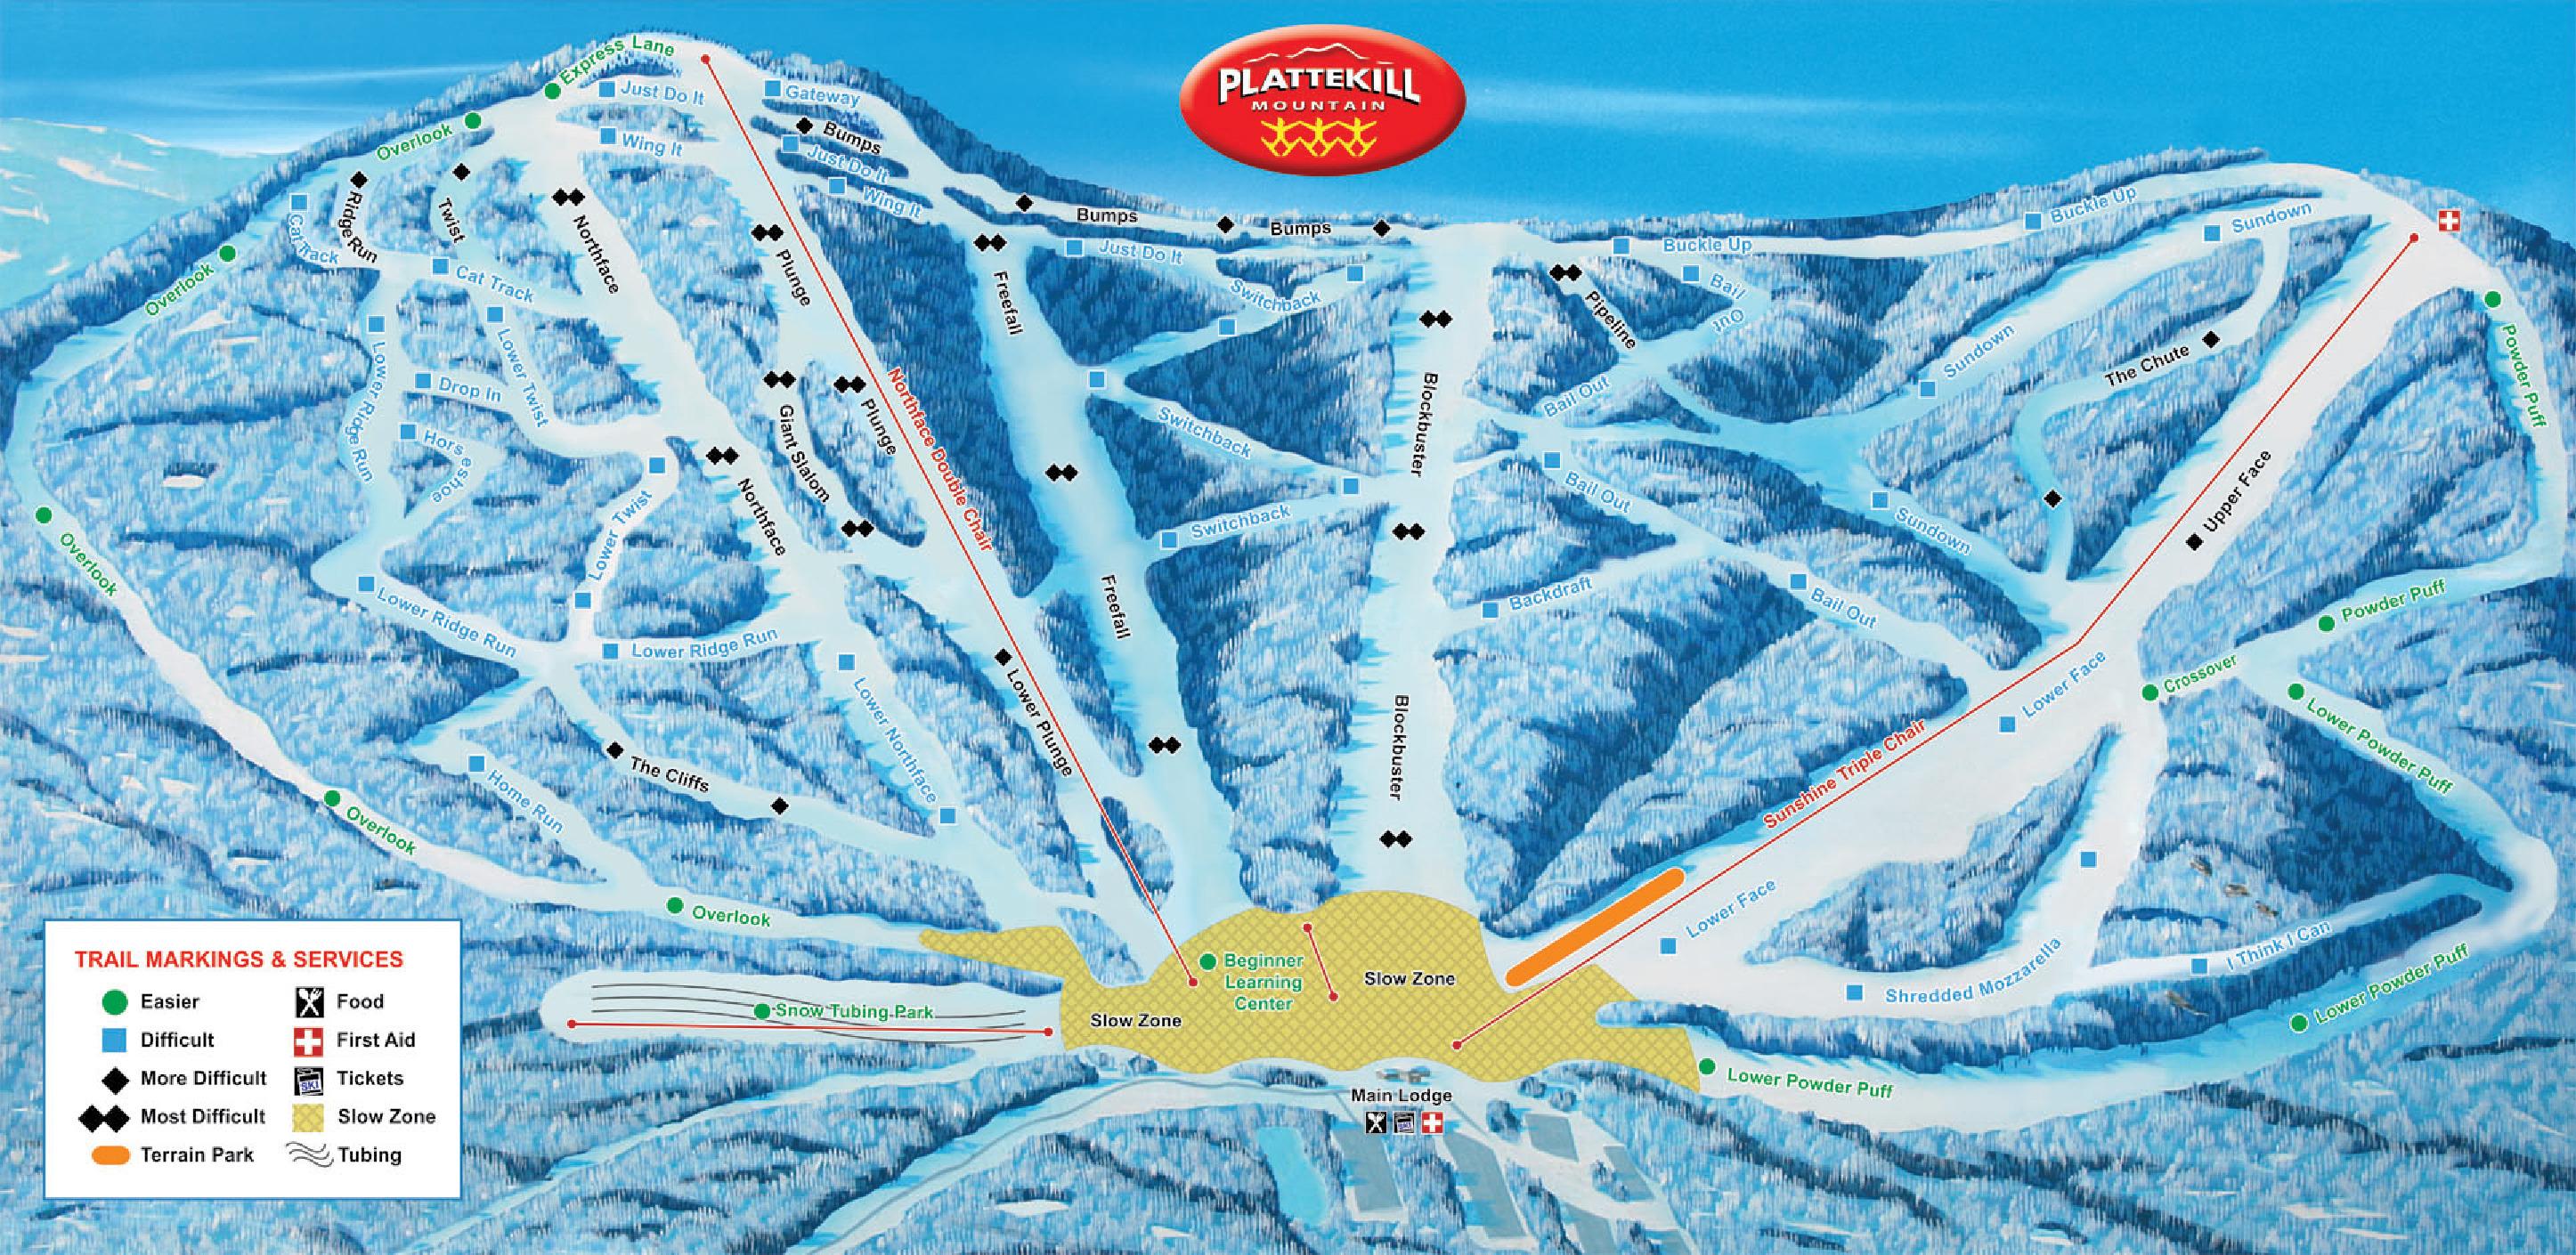 plattekill mountain